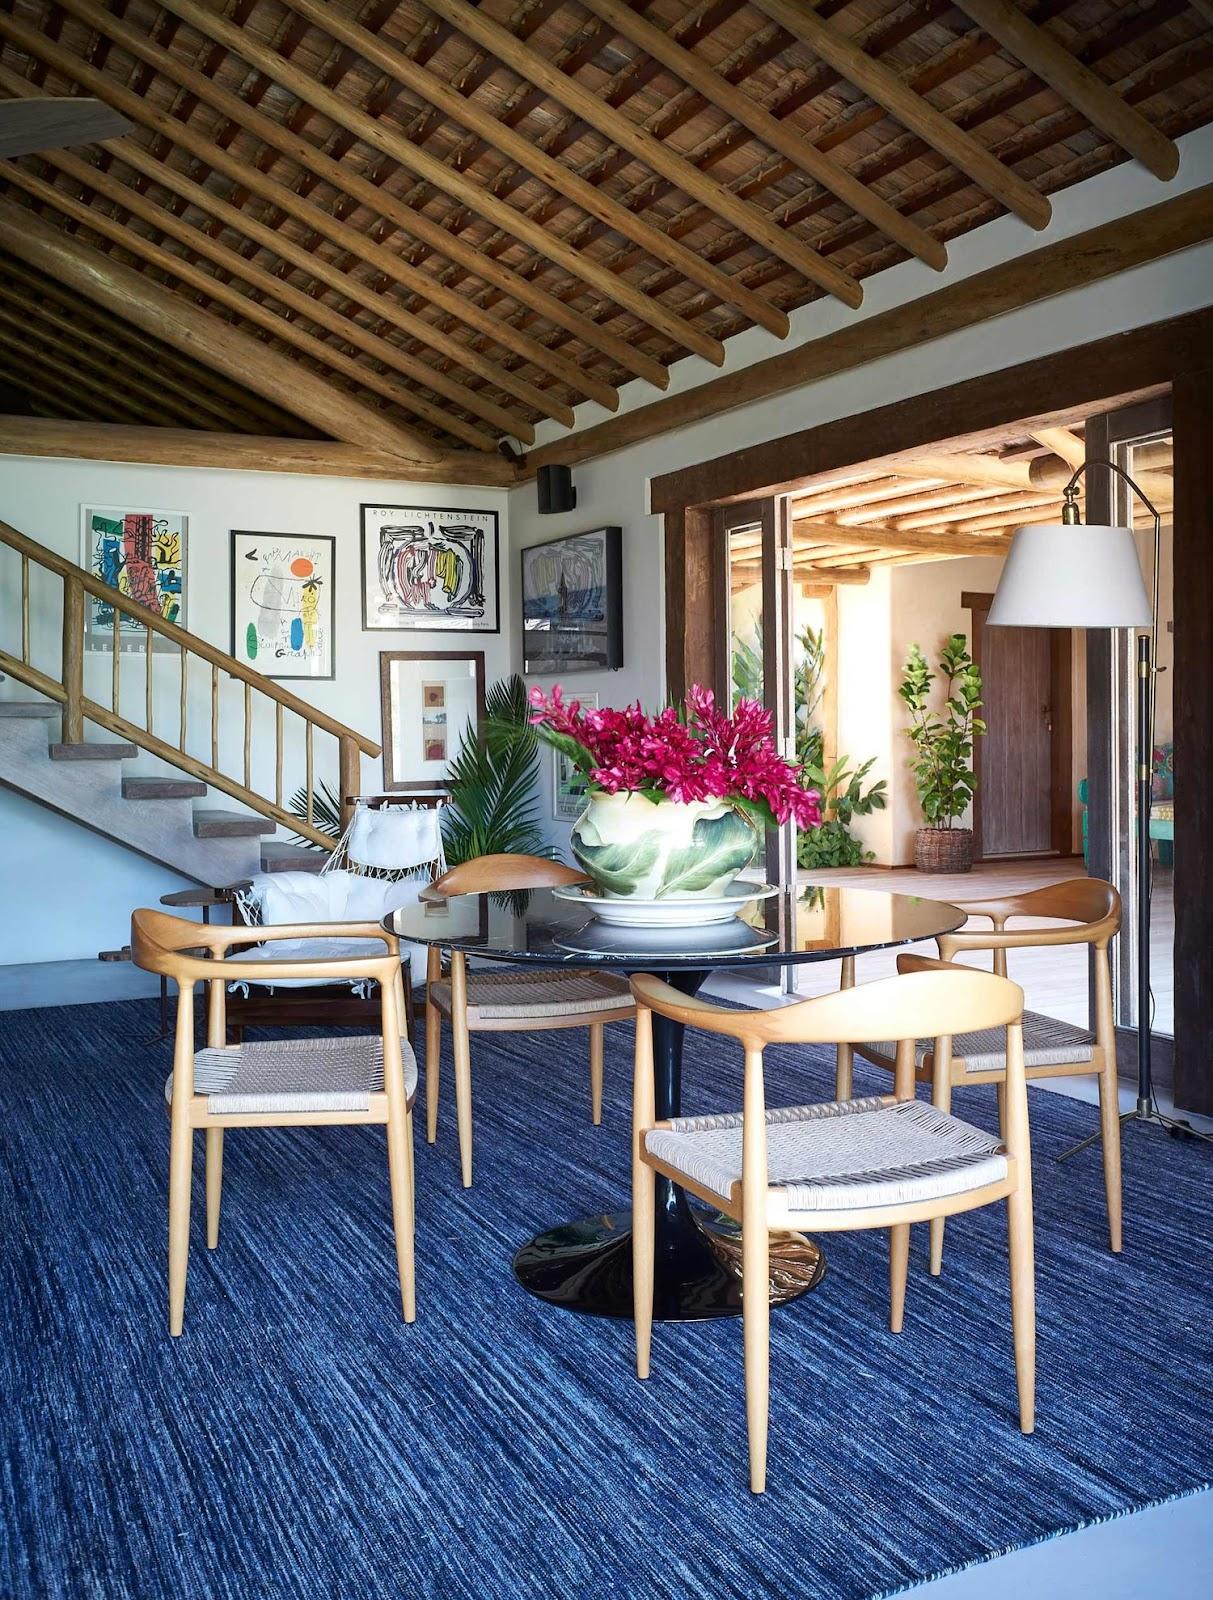 projeto casa de praia com tapete azul, cadeiras de madeira e telhado